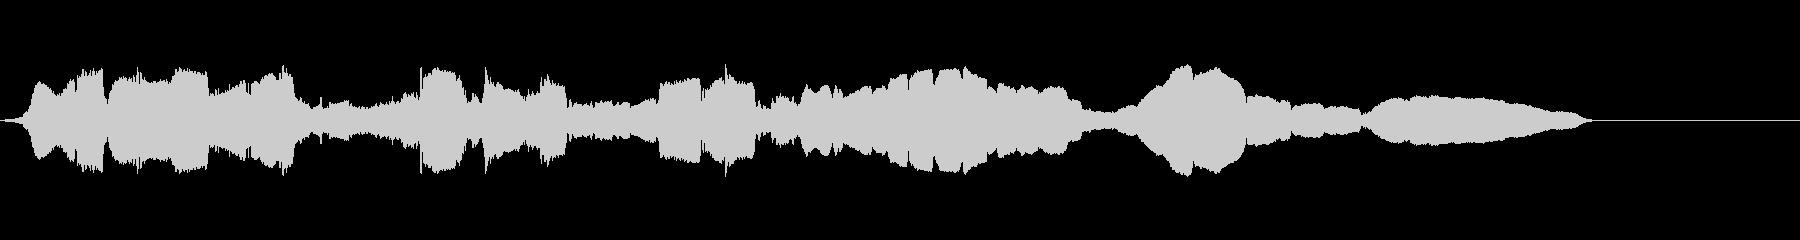 フルート:スニーキーウォーブルズア...の未再生の波形